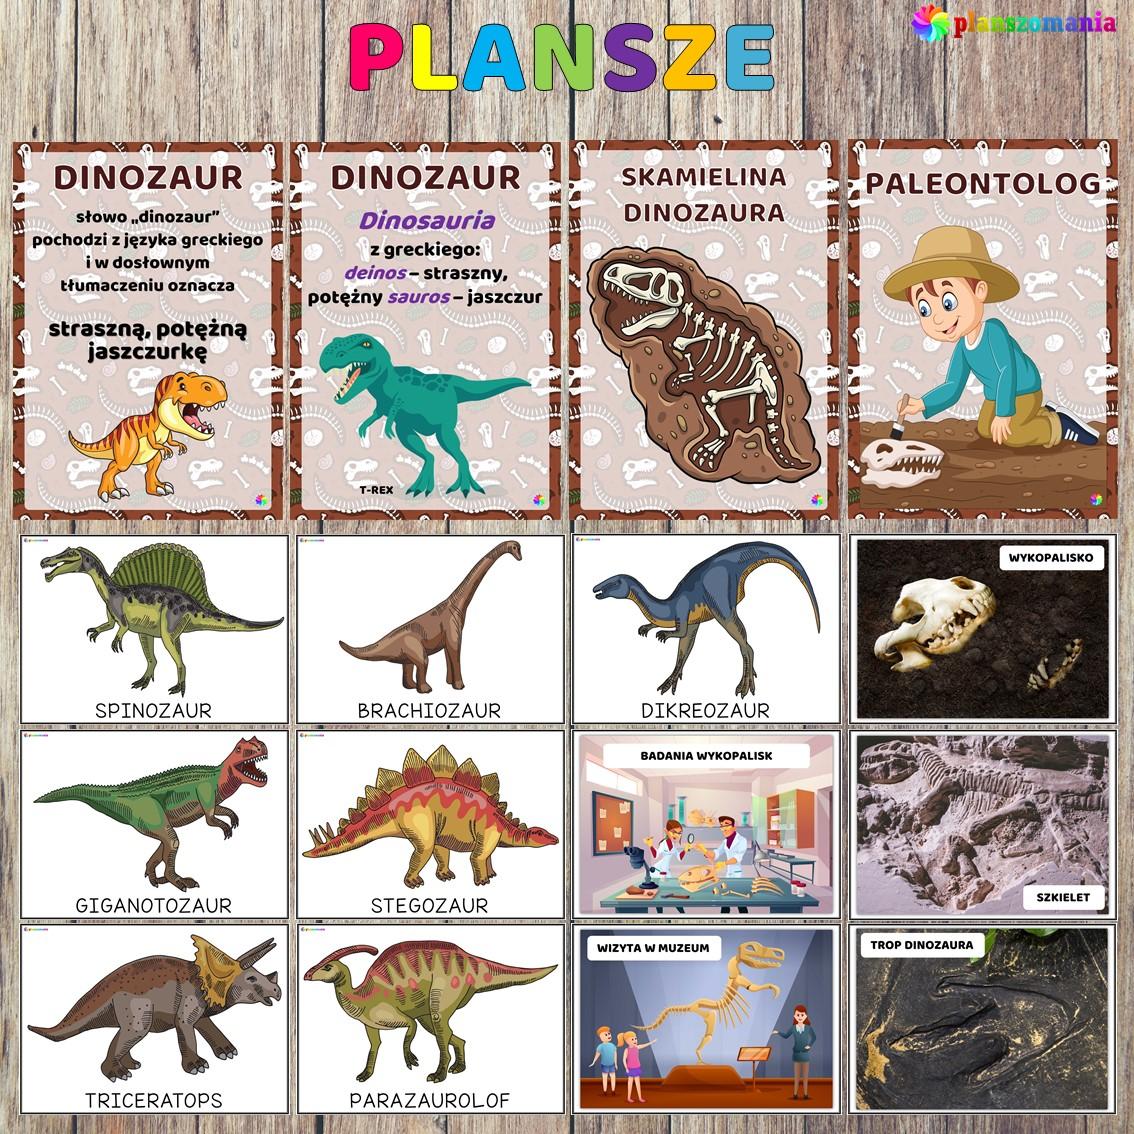 Dinozaury pakiet pomocy edukacyjnych świat odkrywców pdf do pobrania scenariusz zajęć plansze edukacyjne planszomania